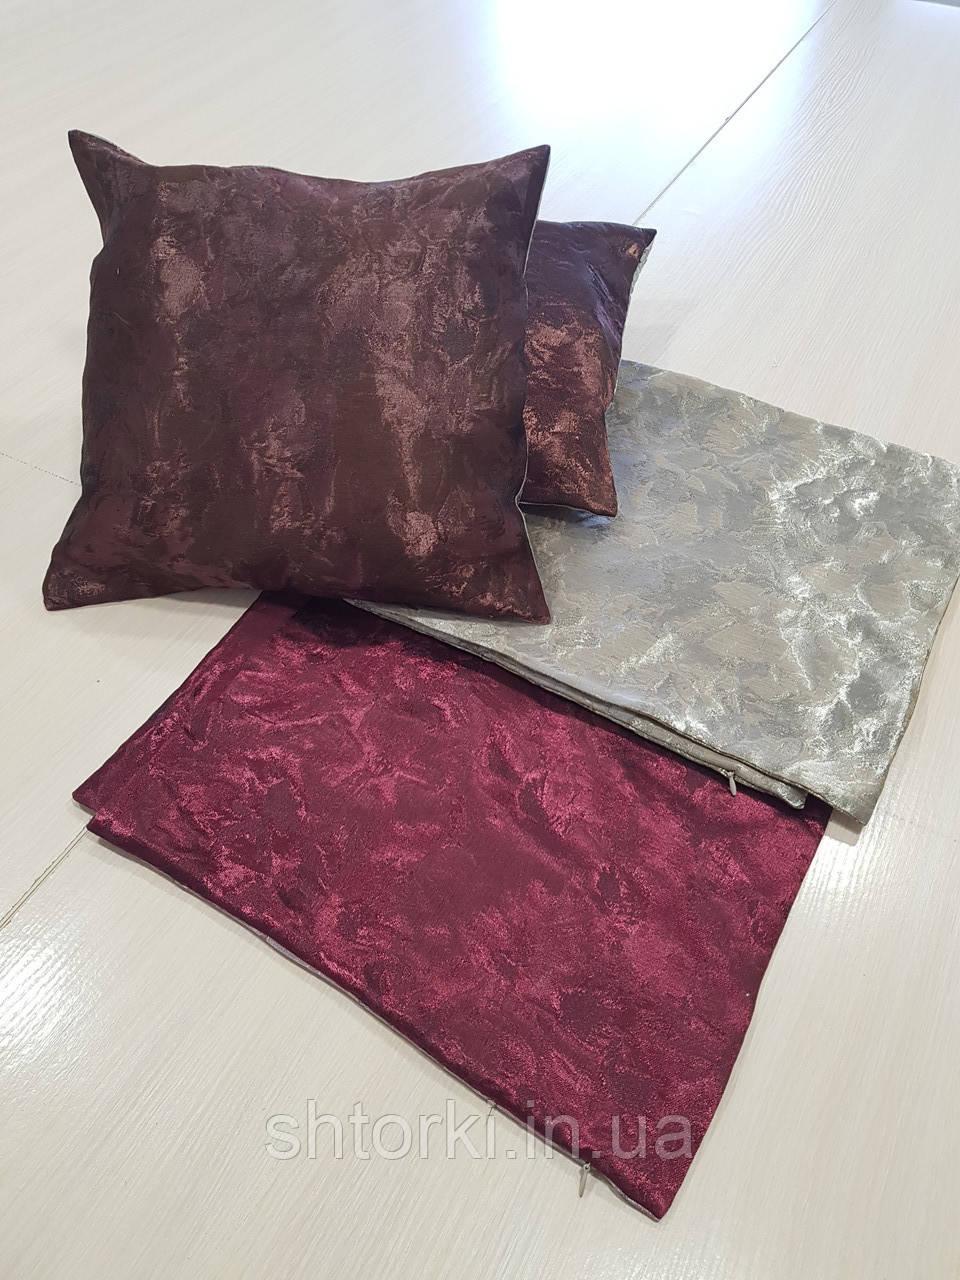 Комплект подушек  с цветами , 2шт 40х40